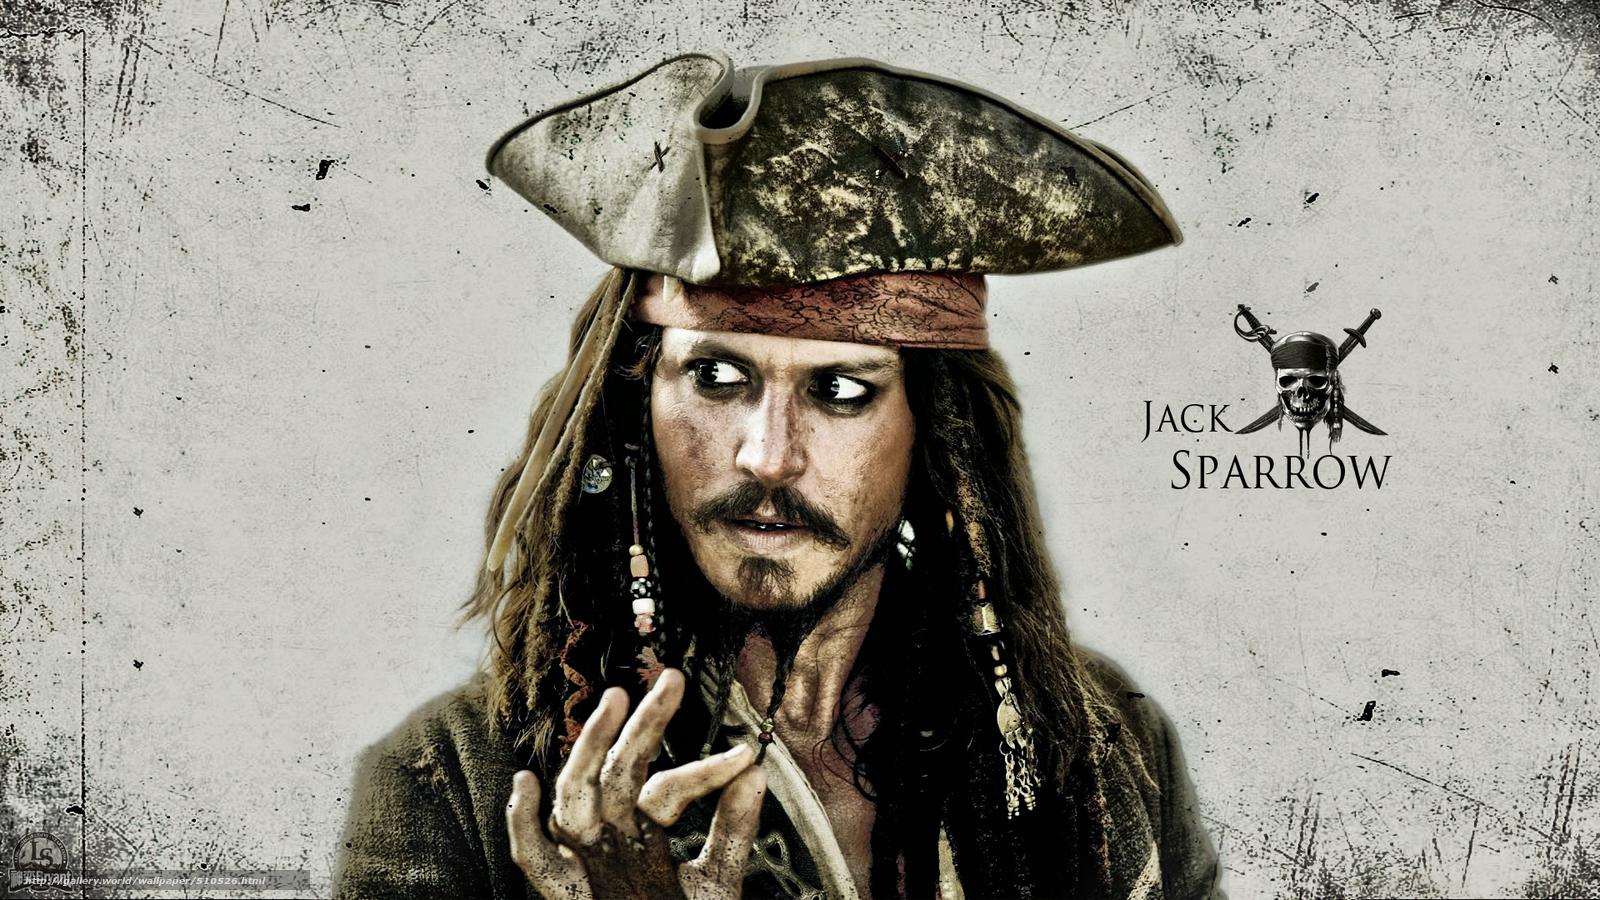 壁紙をダウンロード ジャック·スパロウ, ジョニー·デップ(ジョニー·デップ), 海賊 デスクトップの解像度のための ... Johnny Depp